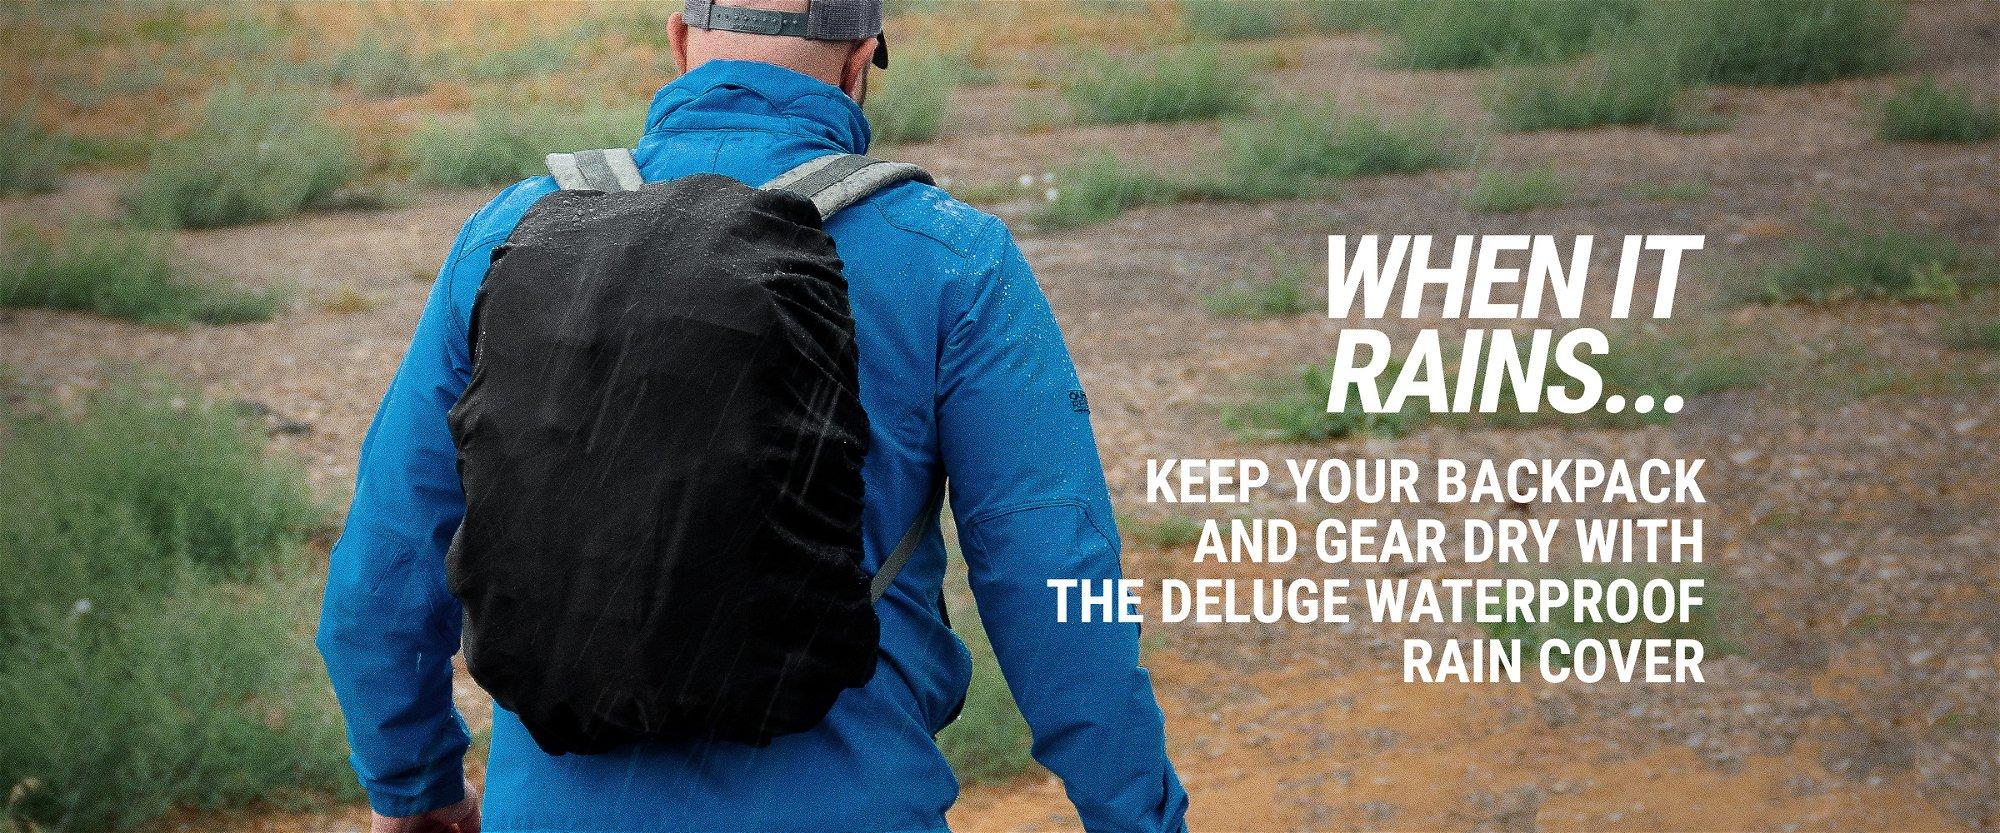 3V Gear Deluge Rain Cover